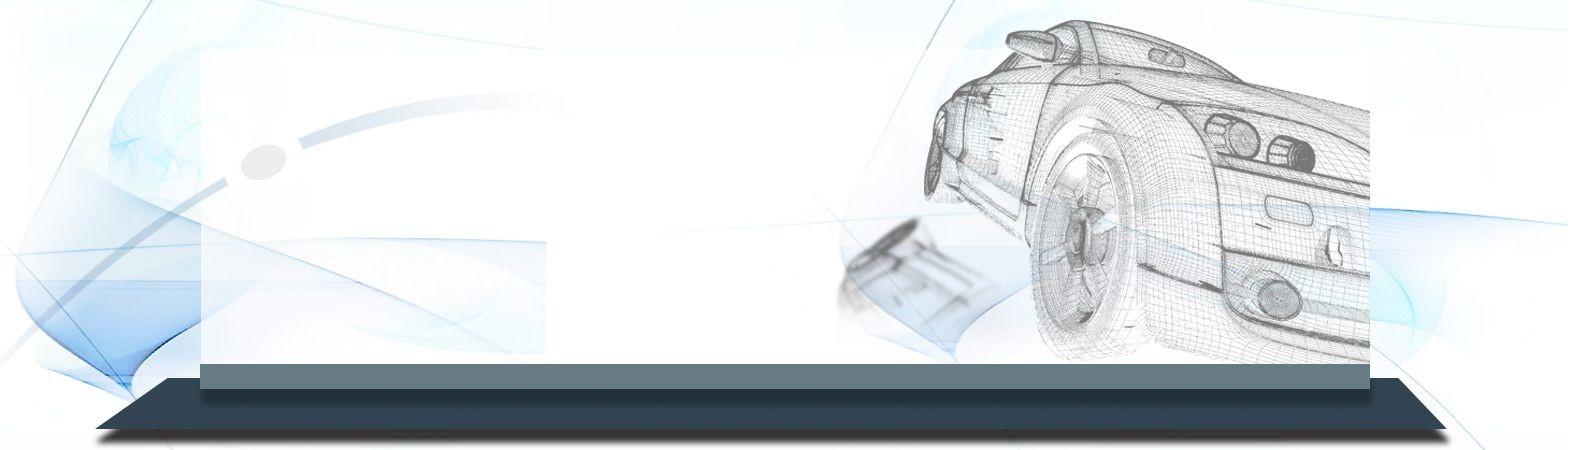 Car concept, CAD.